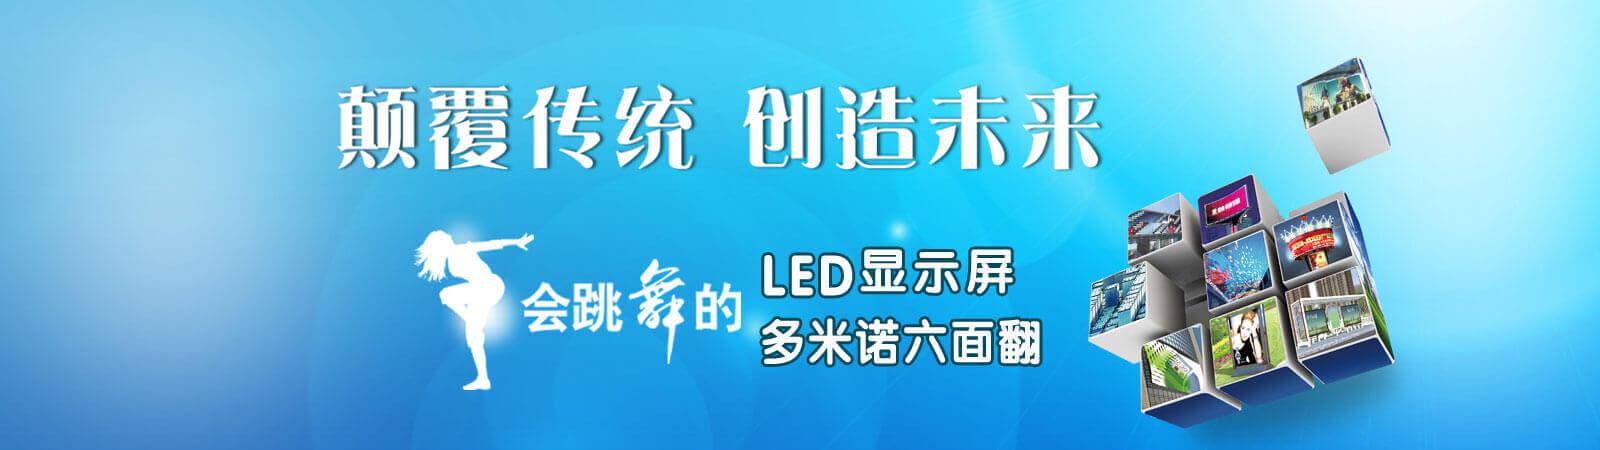 会跳舞的LED显示屏、会跳舞显示屏、跳舞显示屏